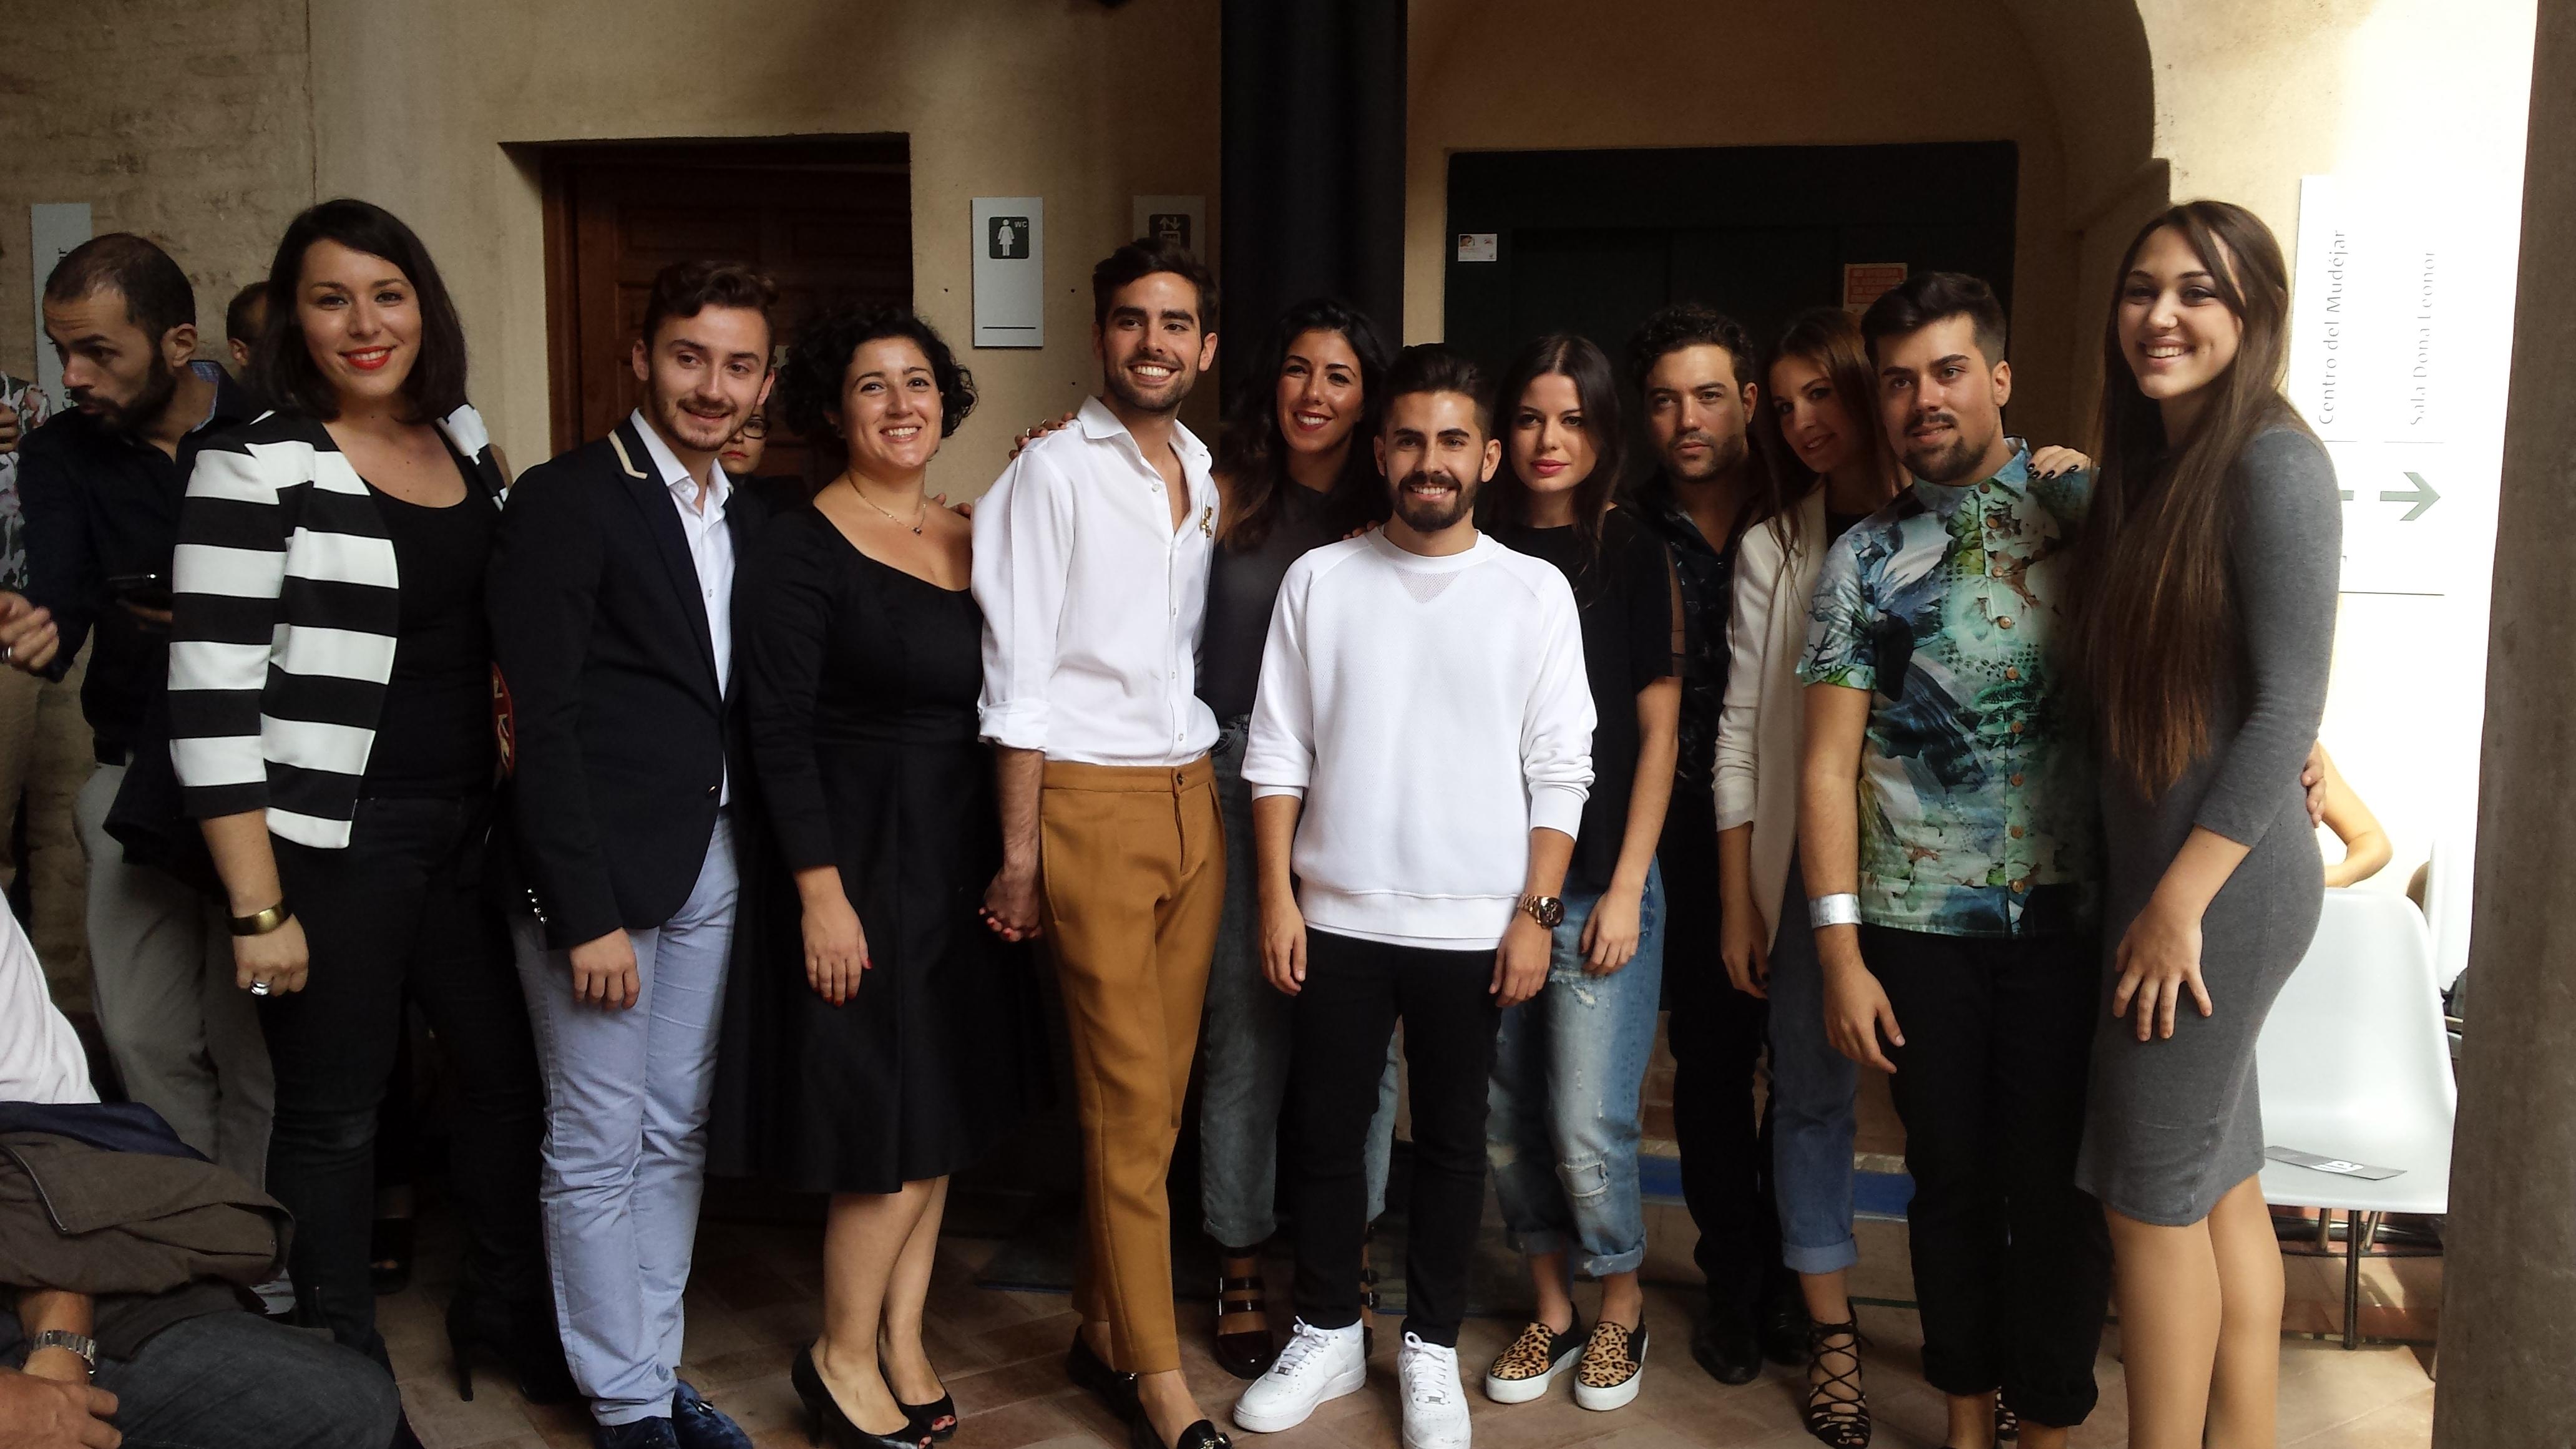 Andalucía de Moda 2014. X Certamen de diseñadores nóveles